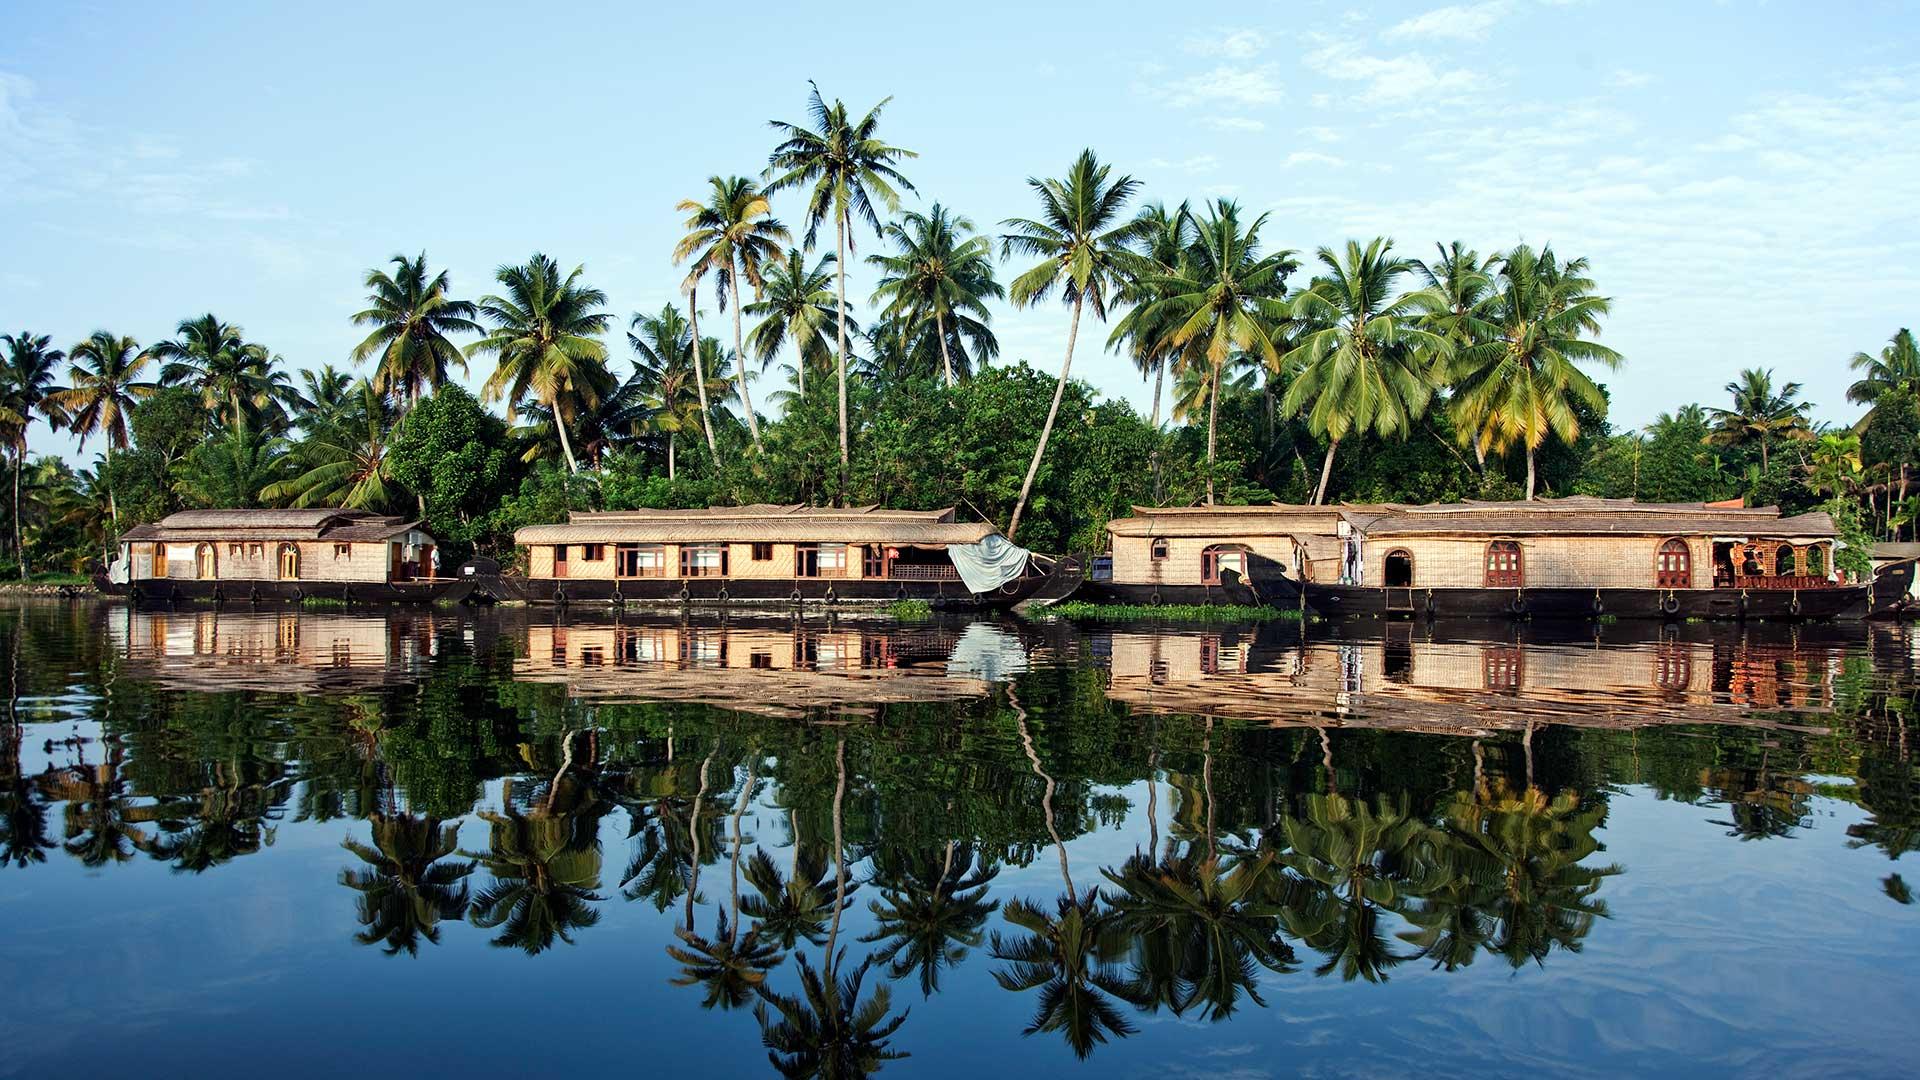 阿拉普扎的船屋,印度喀拉拉邦 (© Martin Harvey/The Image Bank/Getty Images)